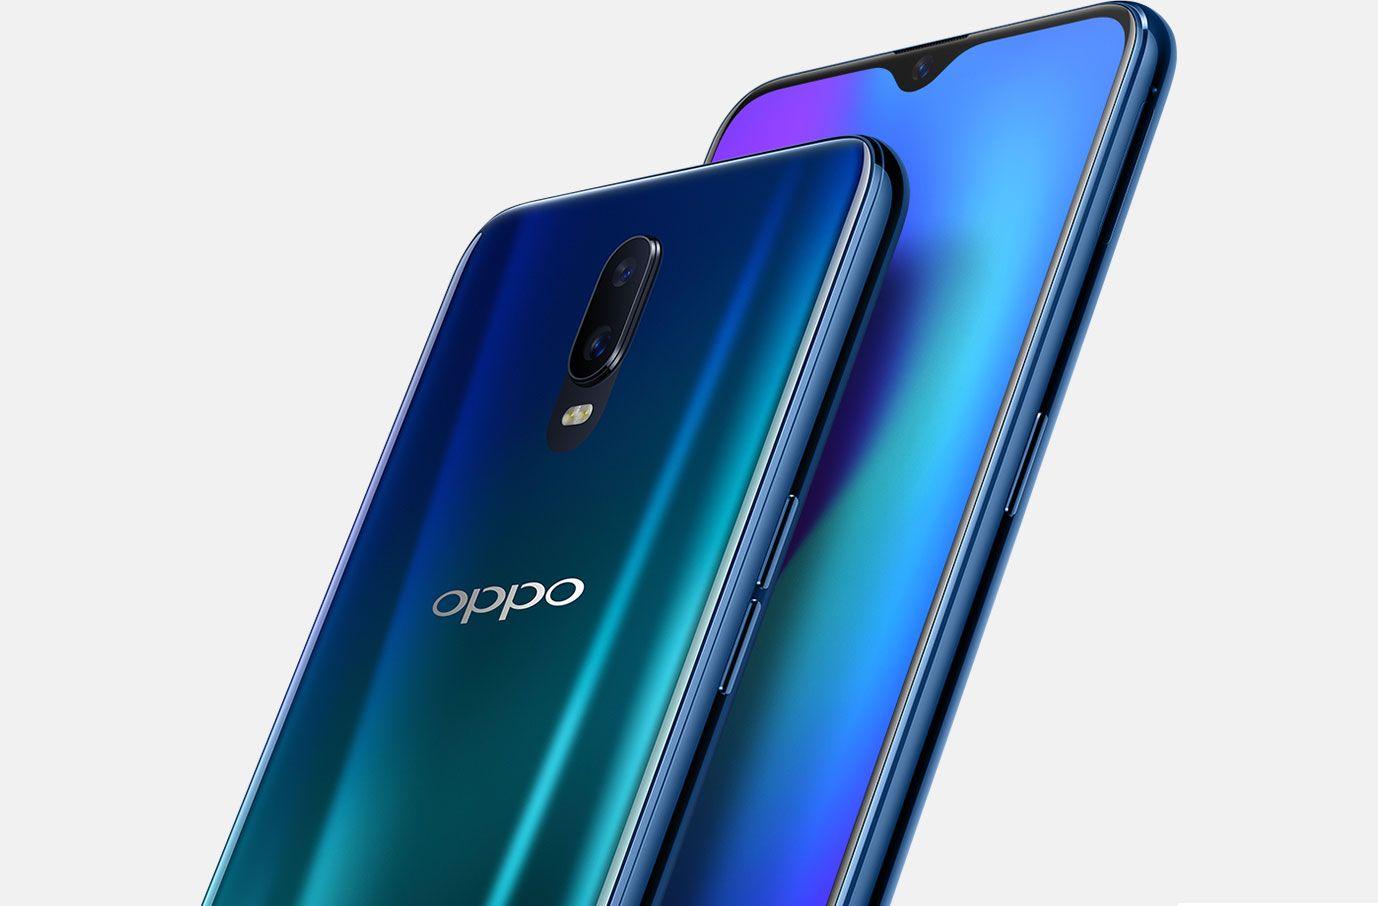 مزايا وعيوب هاتف Oppo R17 ببصمة أسفل الشاشة قبيل طرحه بالأسواق